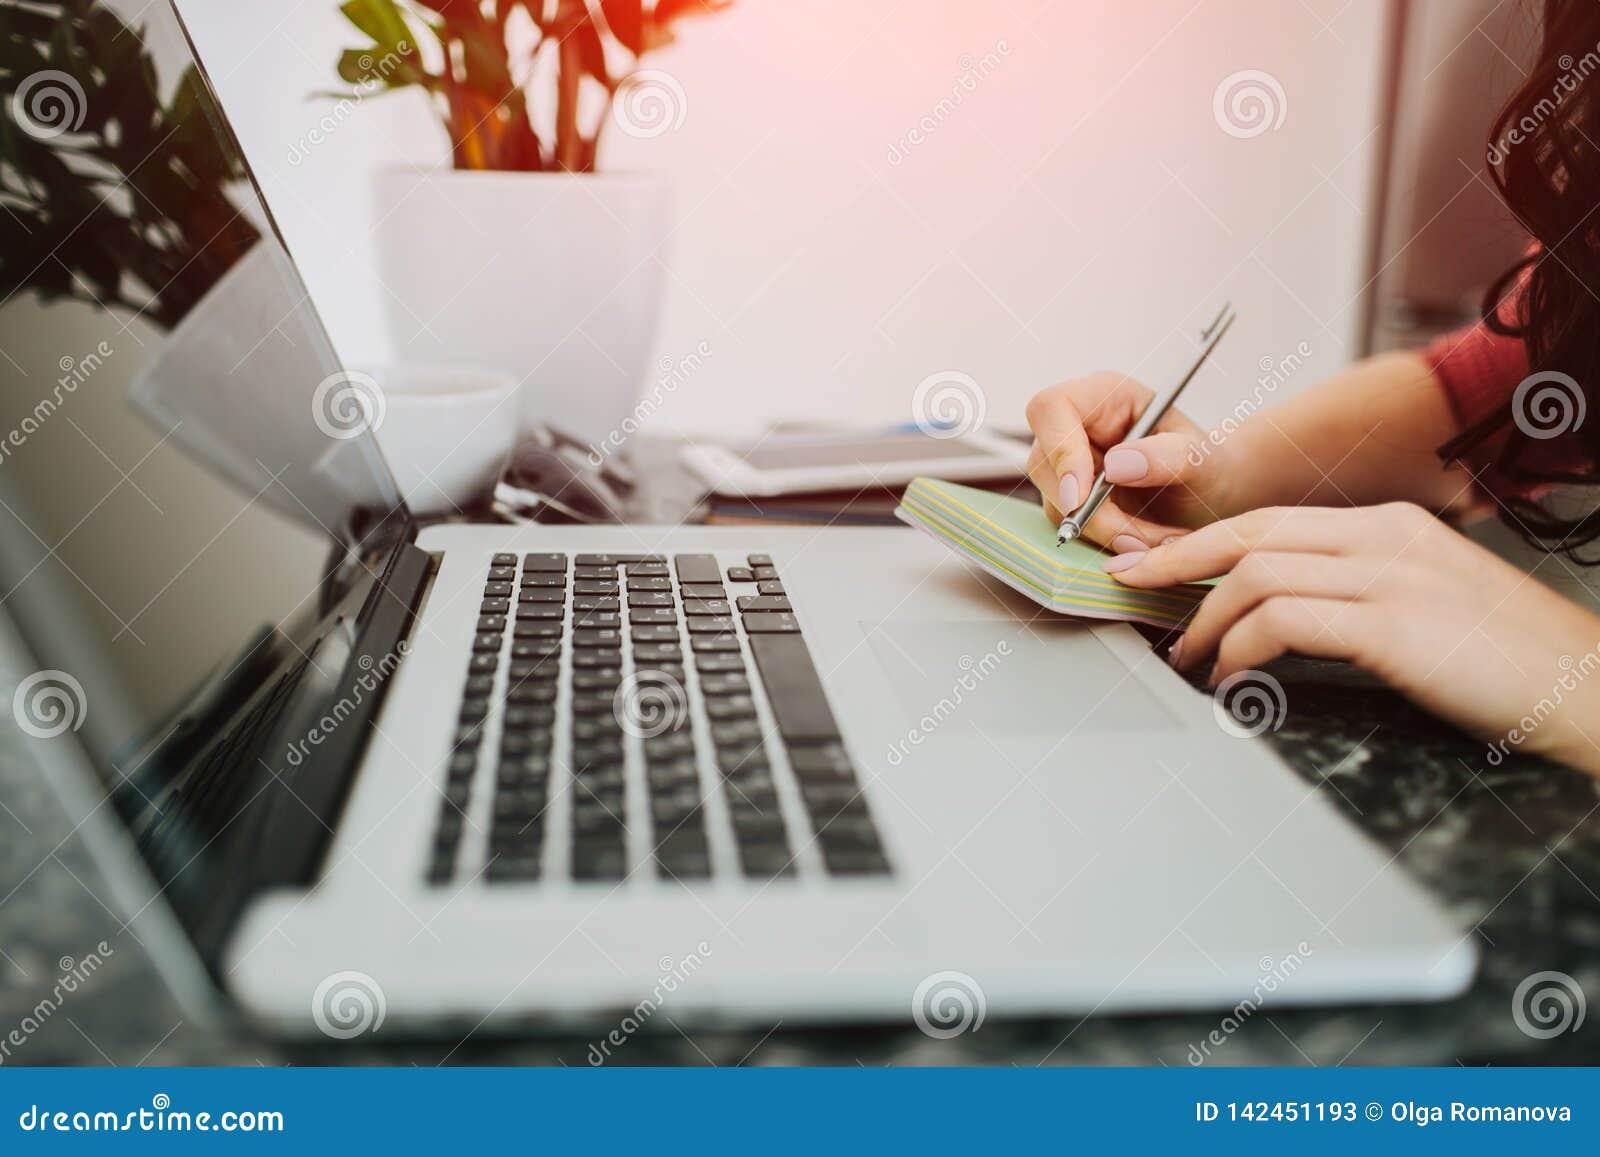 Mains de femme écrivant devant l ordinateur portable